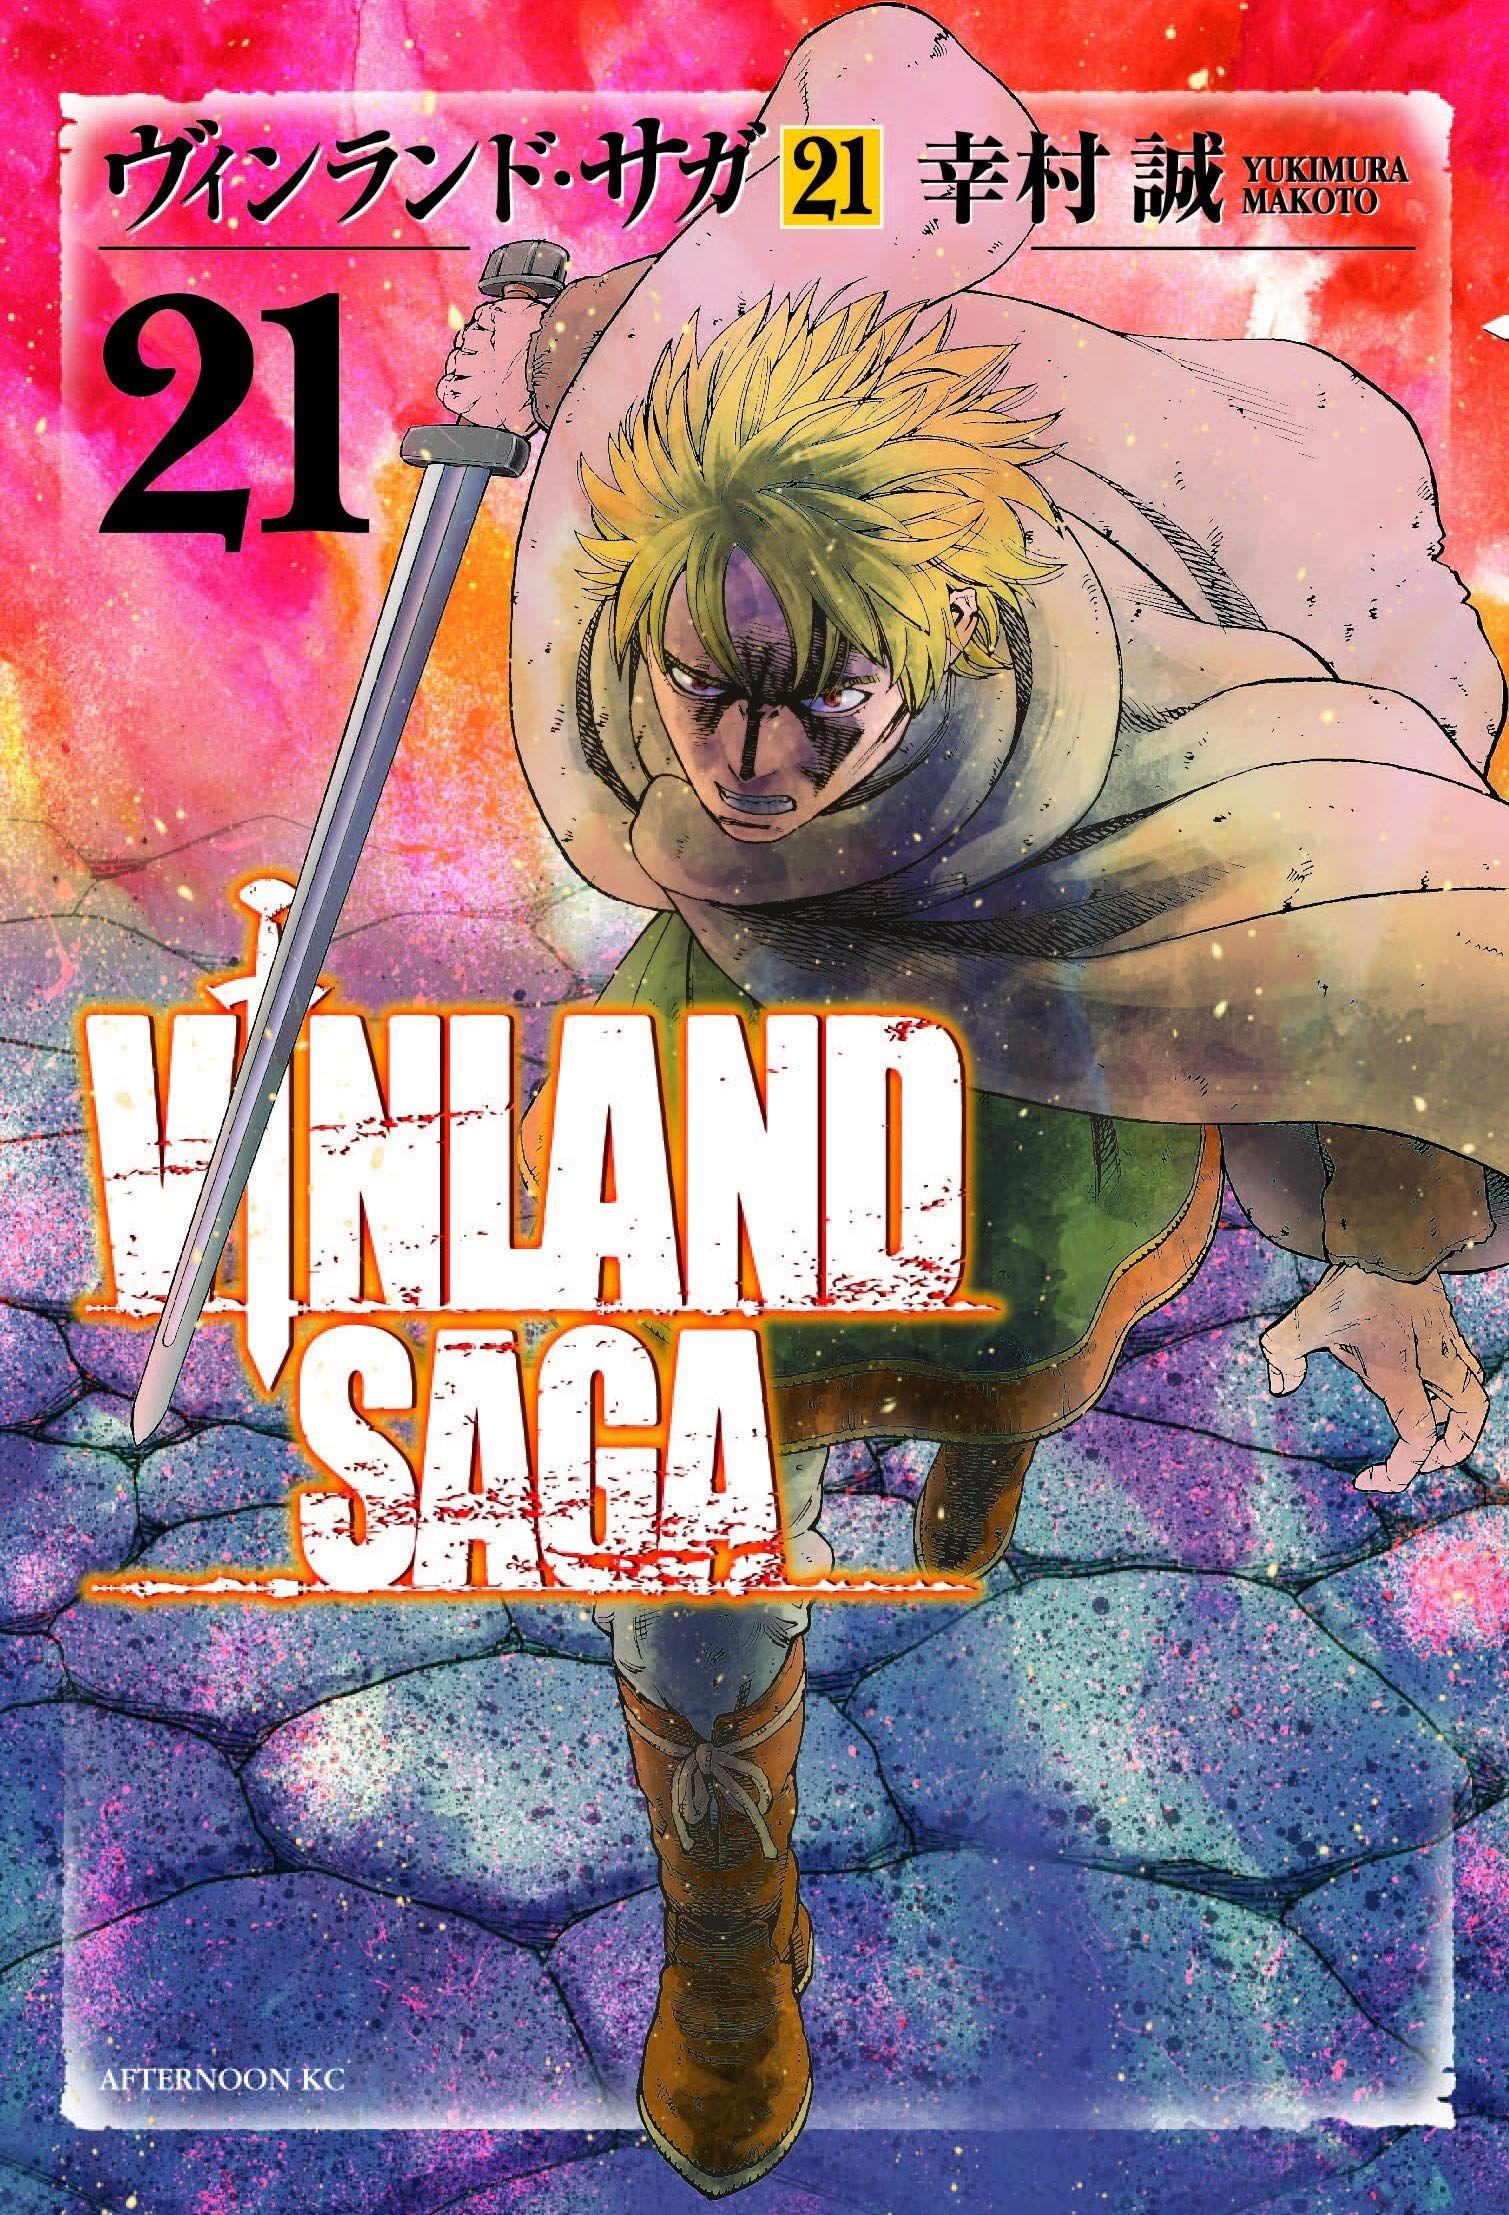 Vinland Saga Episode 1 Vostfr : vinland, episode, vostfr, Vinland, Hardcover, �20November, 2019,, #Saga,, #Vinland,, #Hardcover,, #November, Saga,, Manga,, Manga, Covers